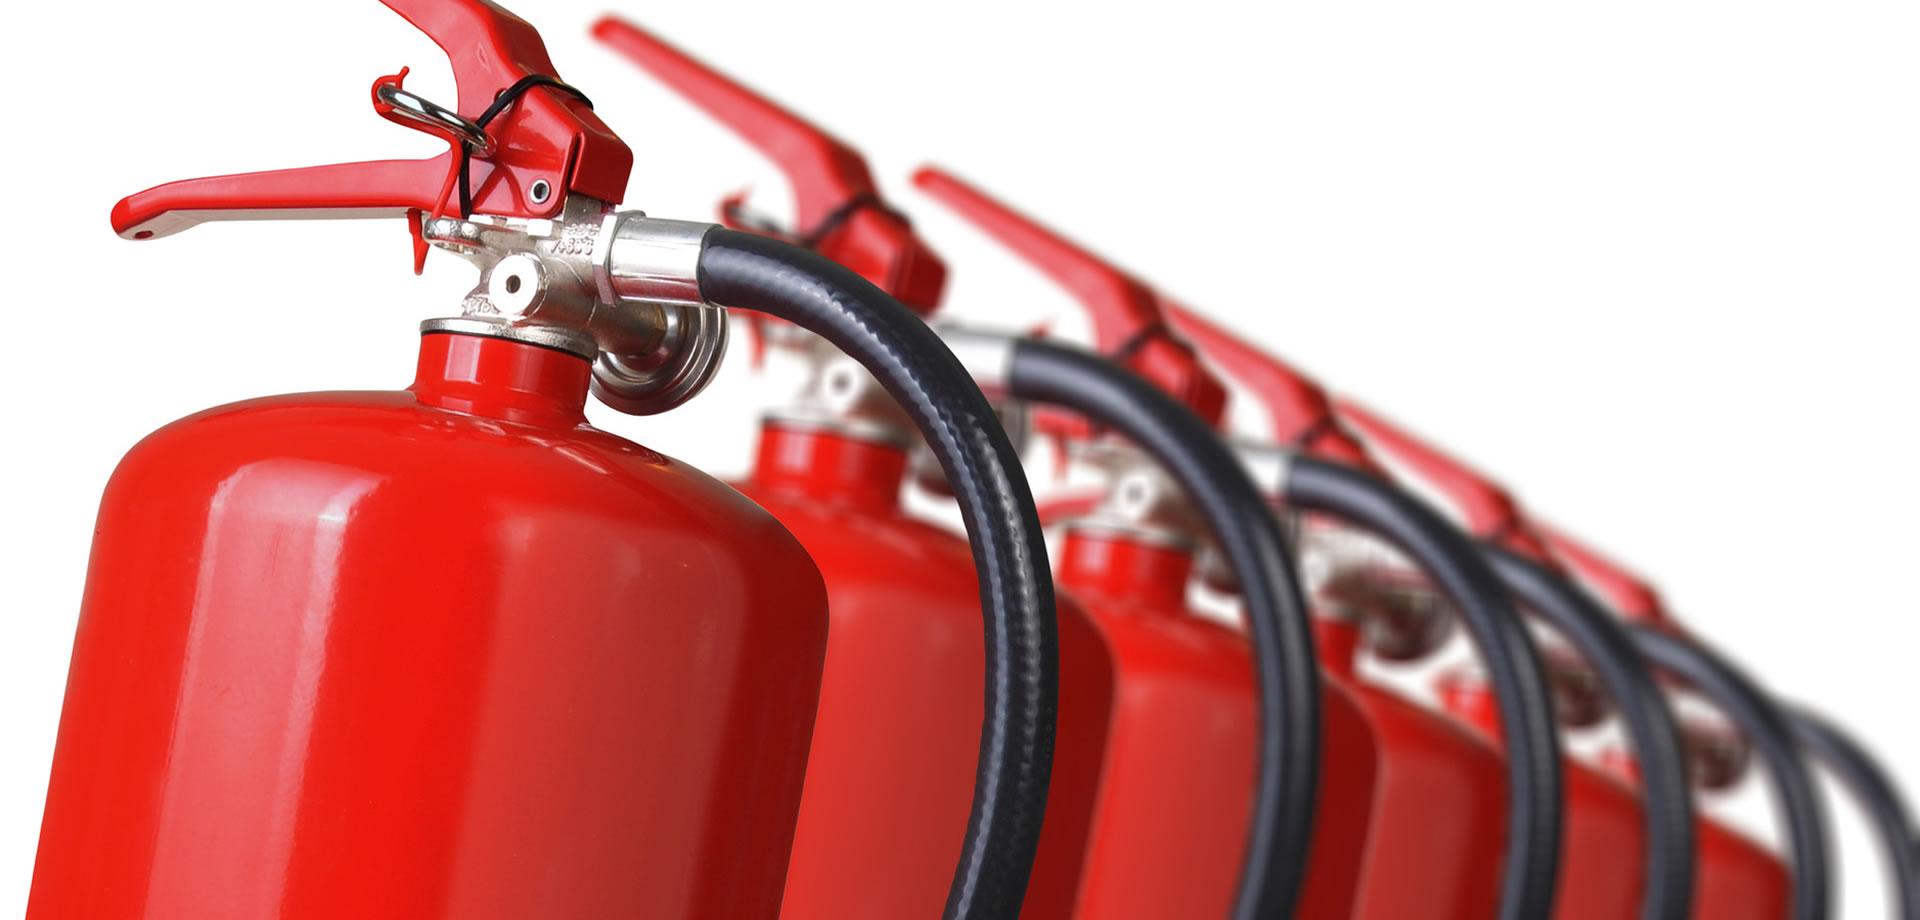 Kundendienst für Brandschutz - KFB Service